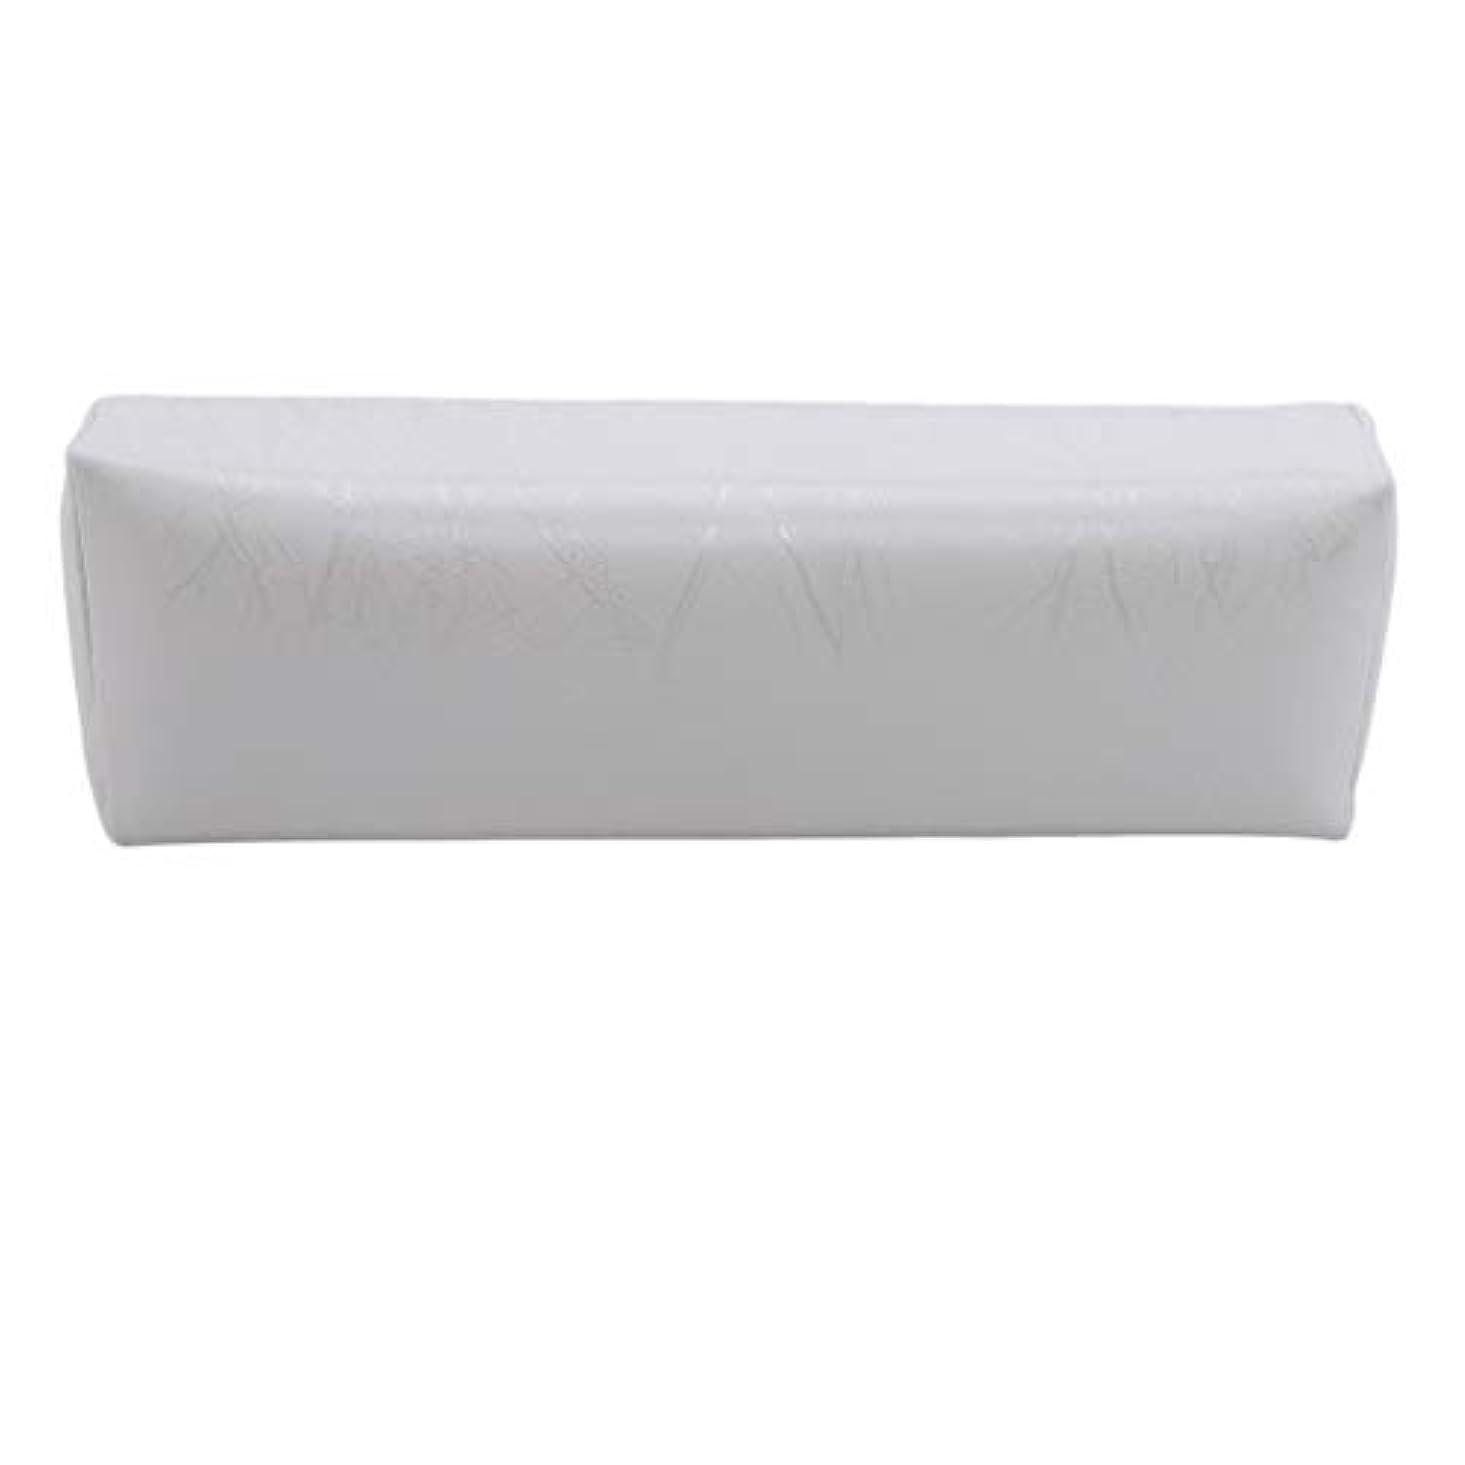 また明日ね墓馬鹿げたHKUN プロのネイルアートツール ケアツール 洗える 手枕クッション ネイルアートホルダー ソフトアームレスト用 ネイルケア用 マニキュアネイル用品 白色